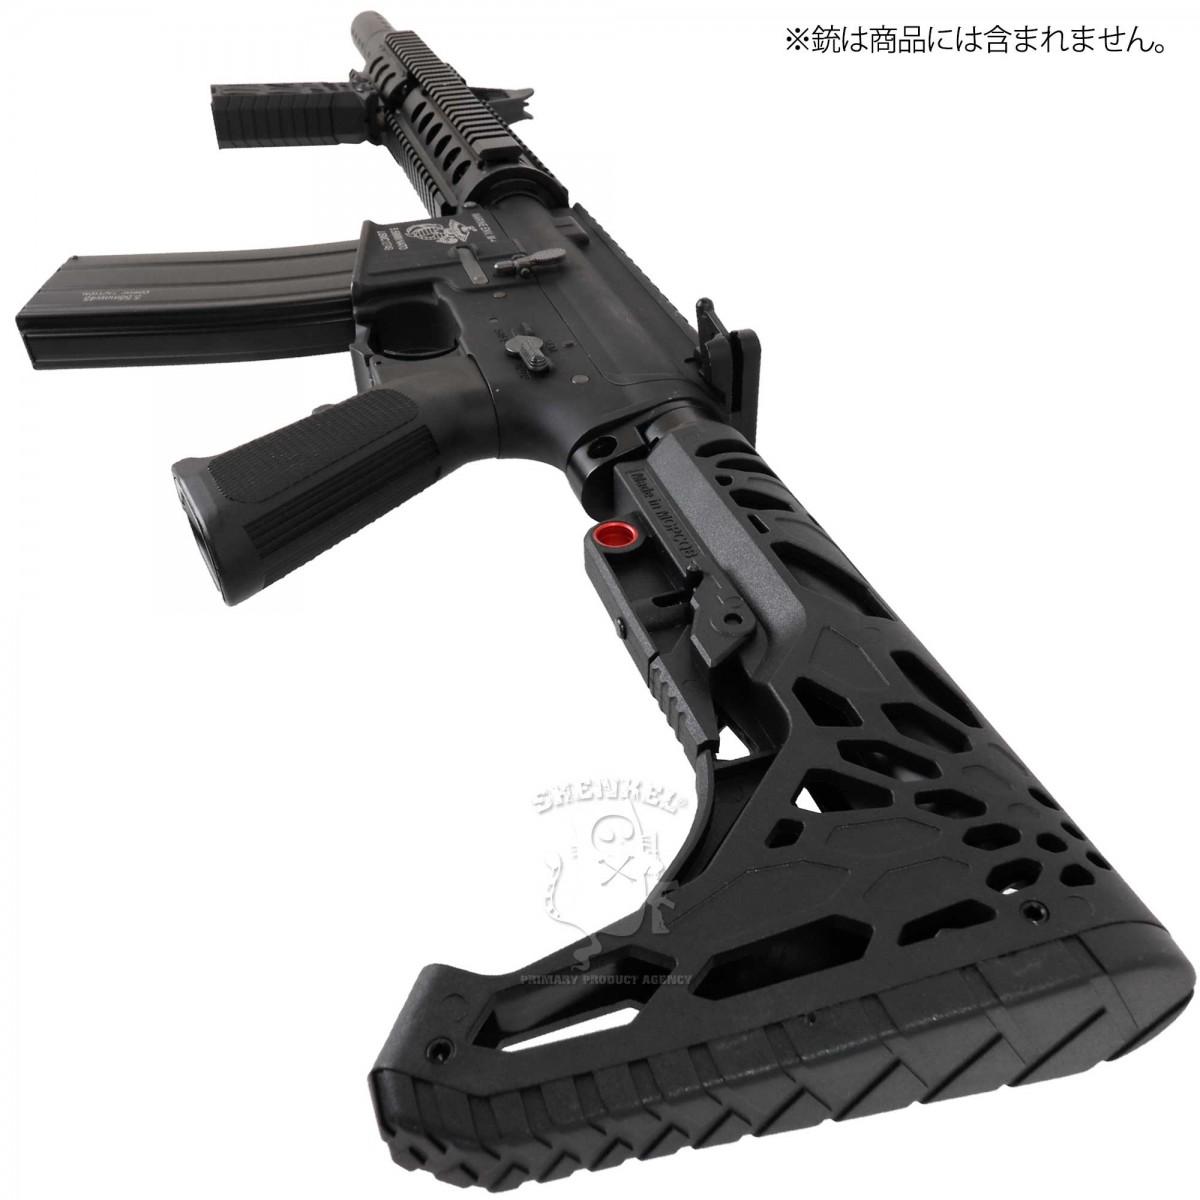 SHENKEL クリプテック迷彩 ストック タイフン模様 CQB M4シリーズに対応 (BK ブラック)  サバゲー サバイバルゲーム